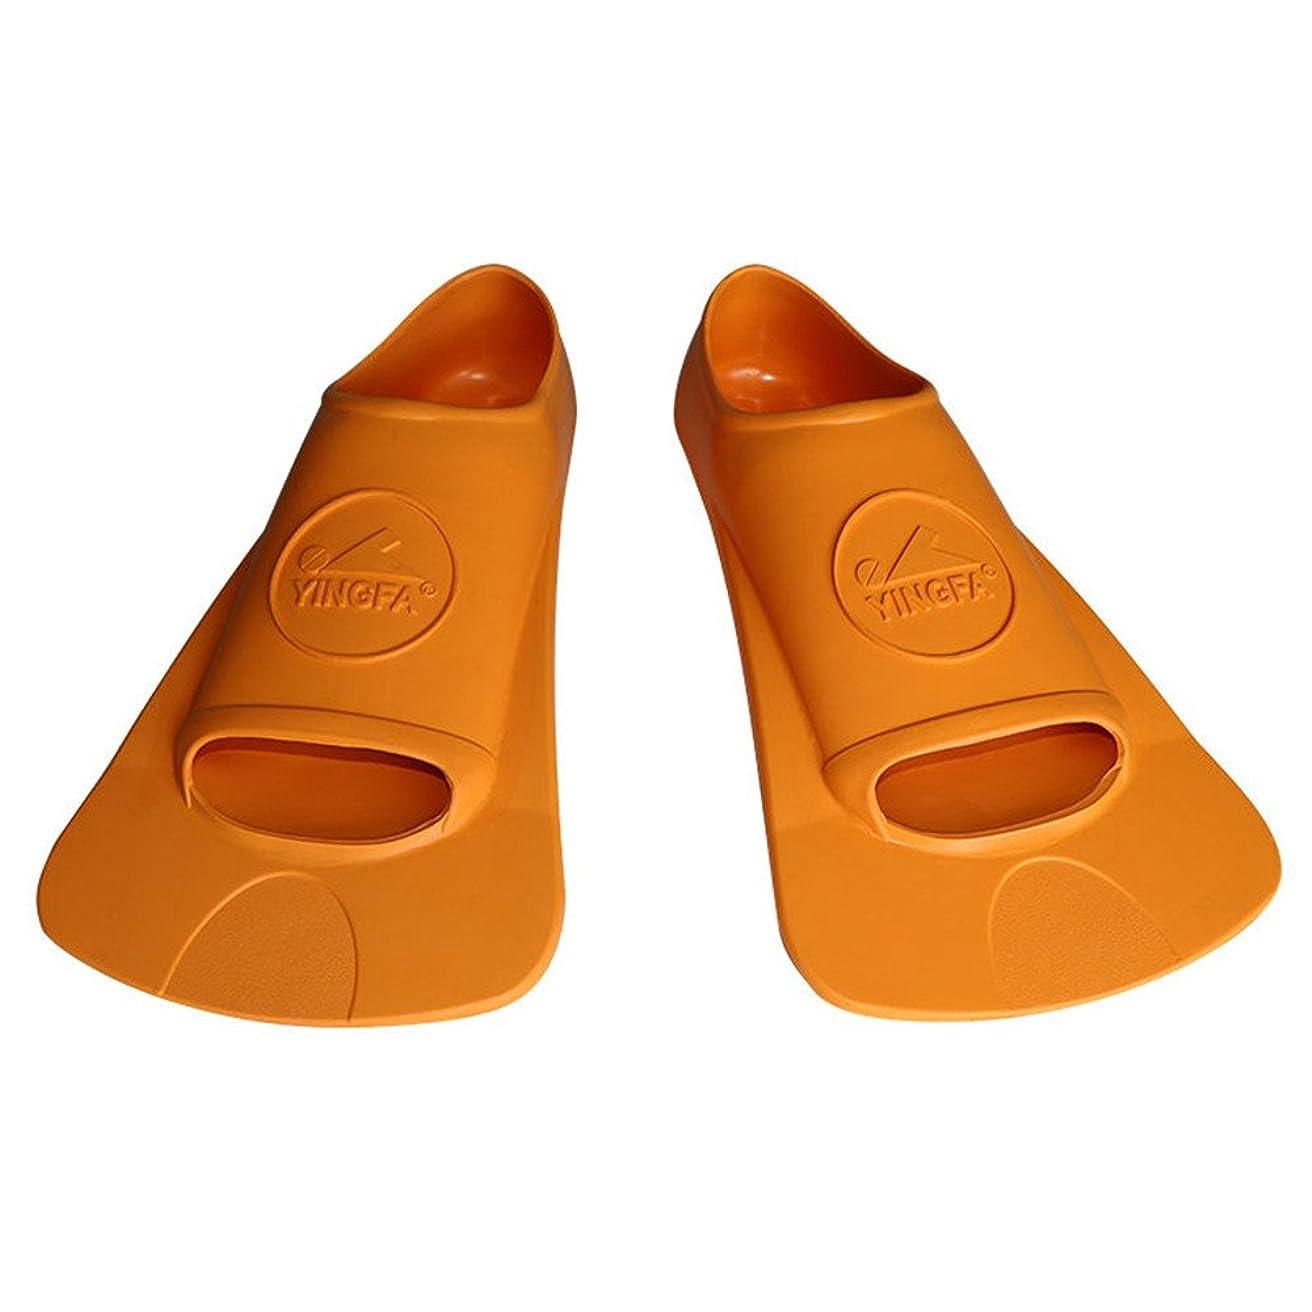 真鍮機械的真剣にシュノーケリングフィンダイビング シュノーケリング泳ぐフィンダイビングフィン足ひれ足首は水泳、シュノーケリング、水生生物用の水泳のための超軽量です。 足首スキューバダイビングフィン初心者 (サイズ : M)